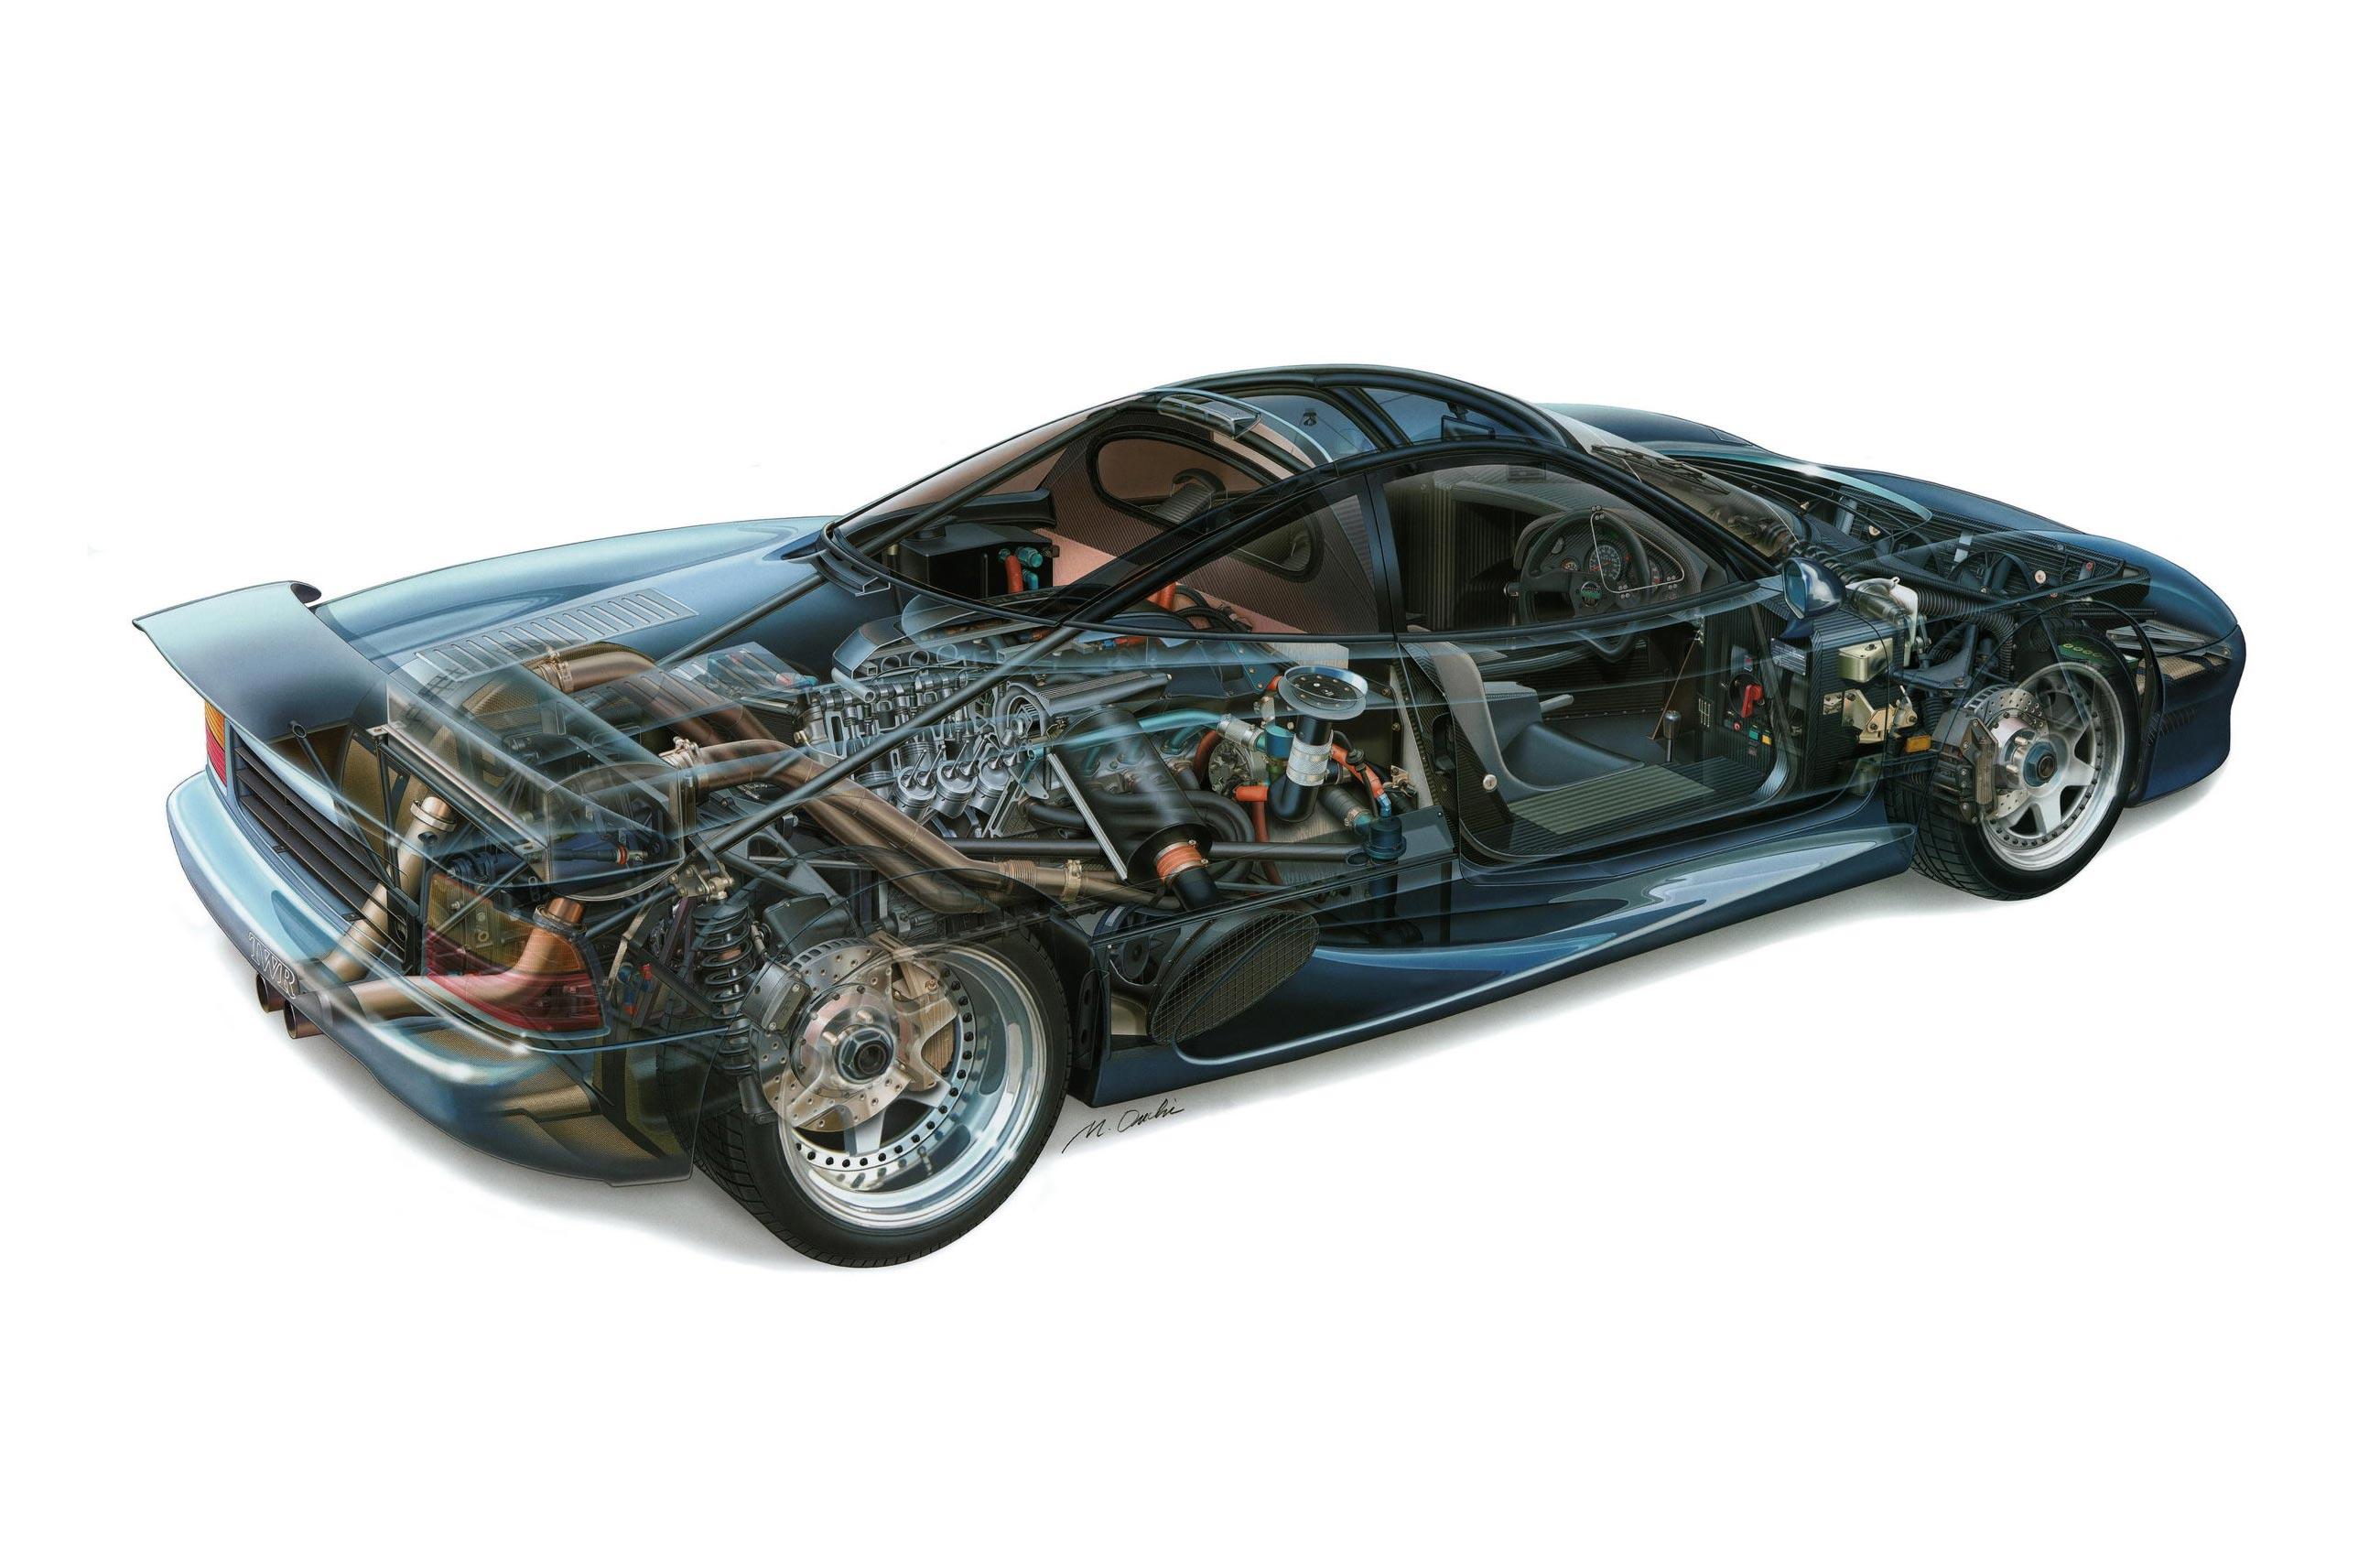 Jaguar XJR-15 cutaway drawing